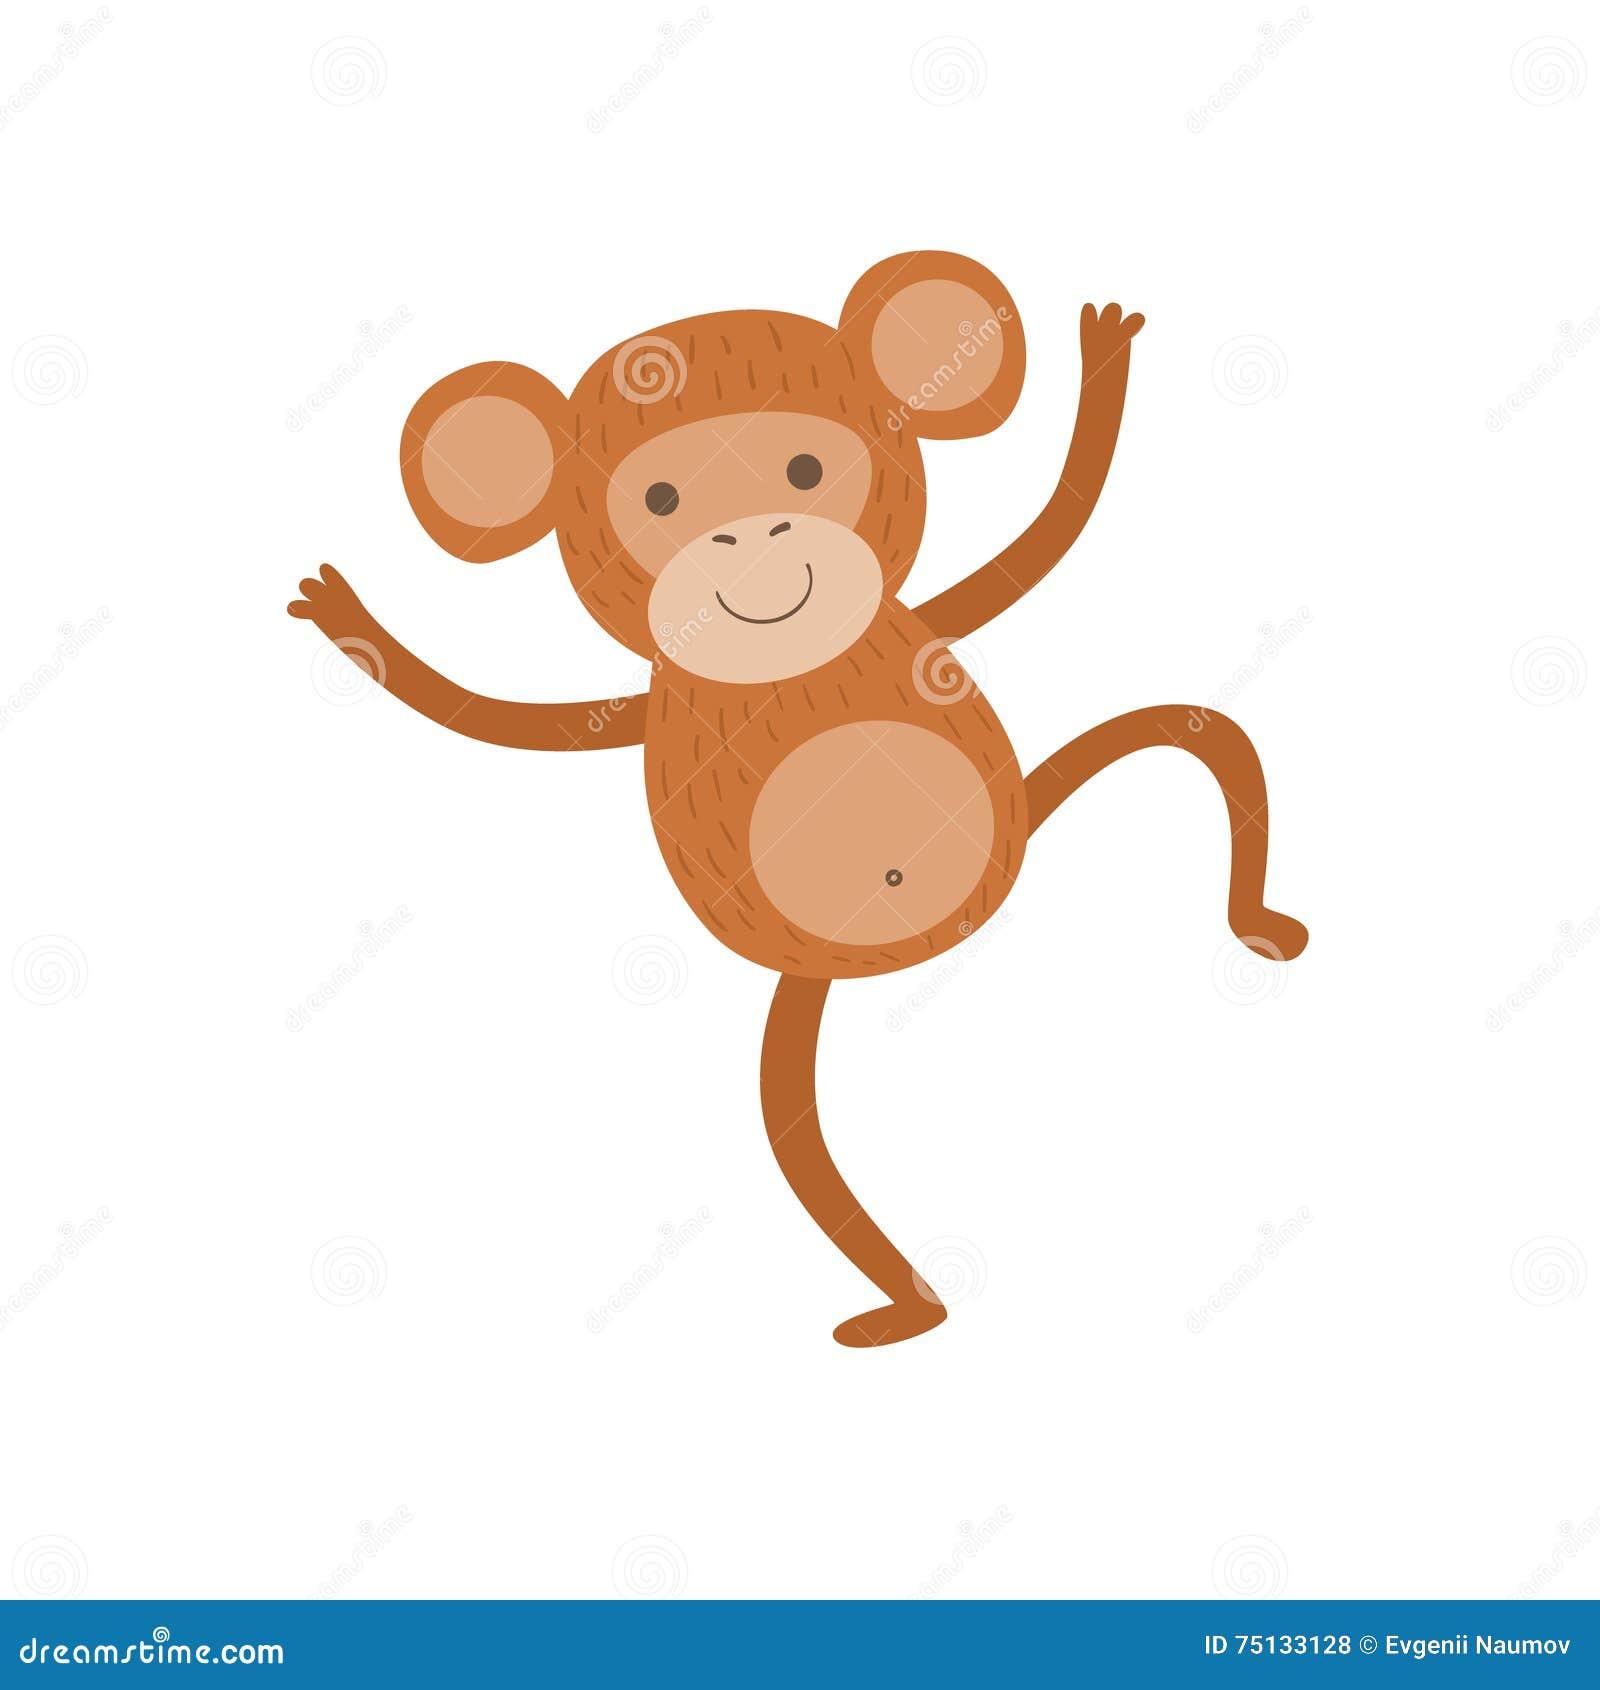 Disegno Puerile Stilizzato Della Scimmia Illustrazione Vettoriale